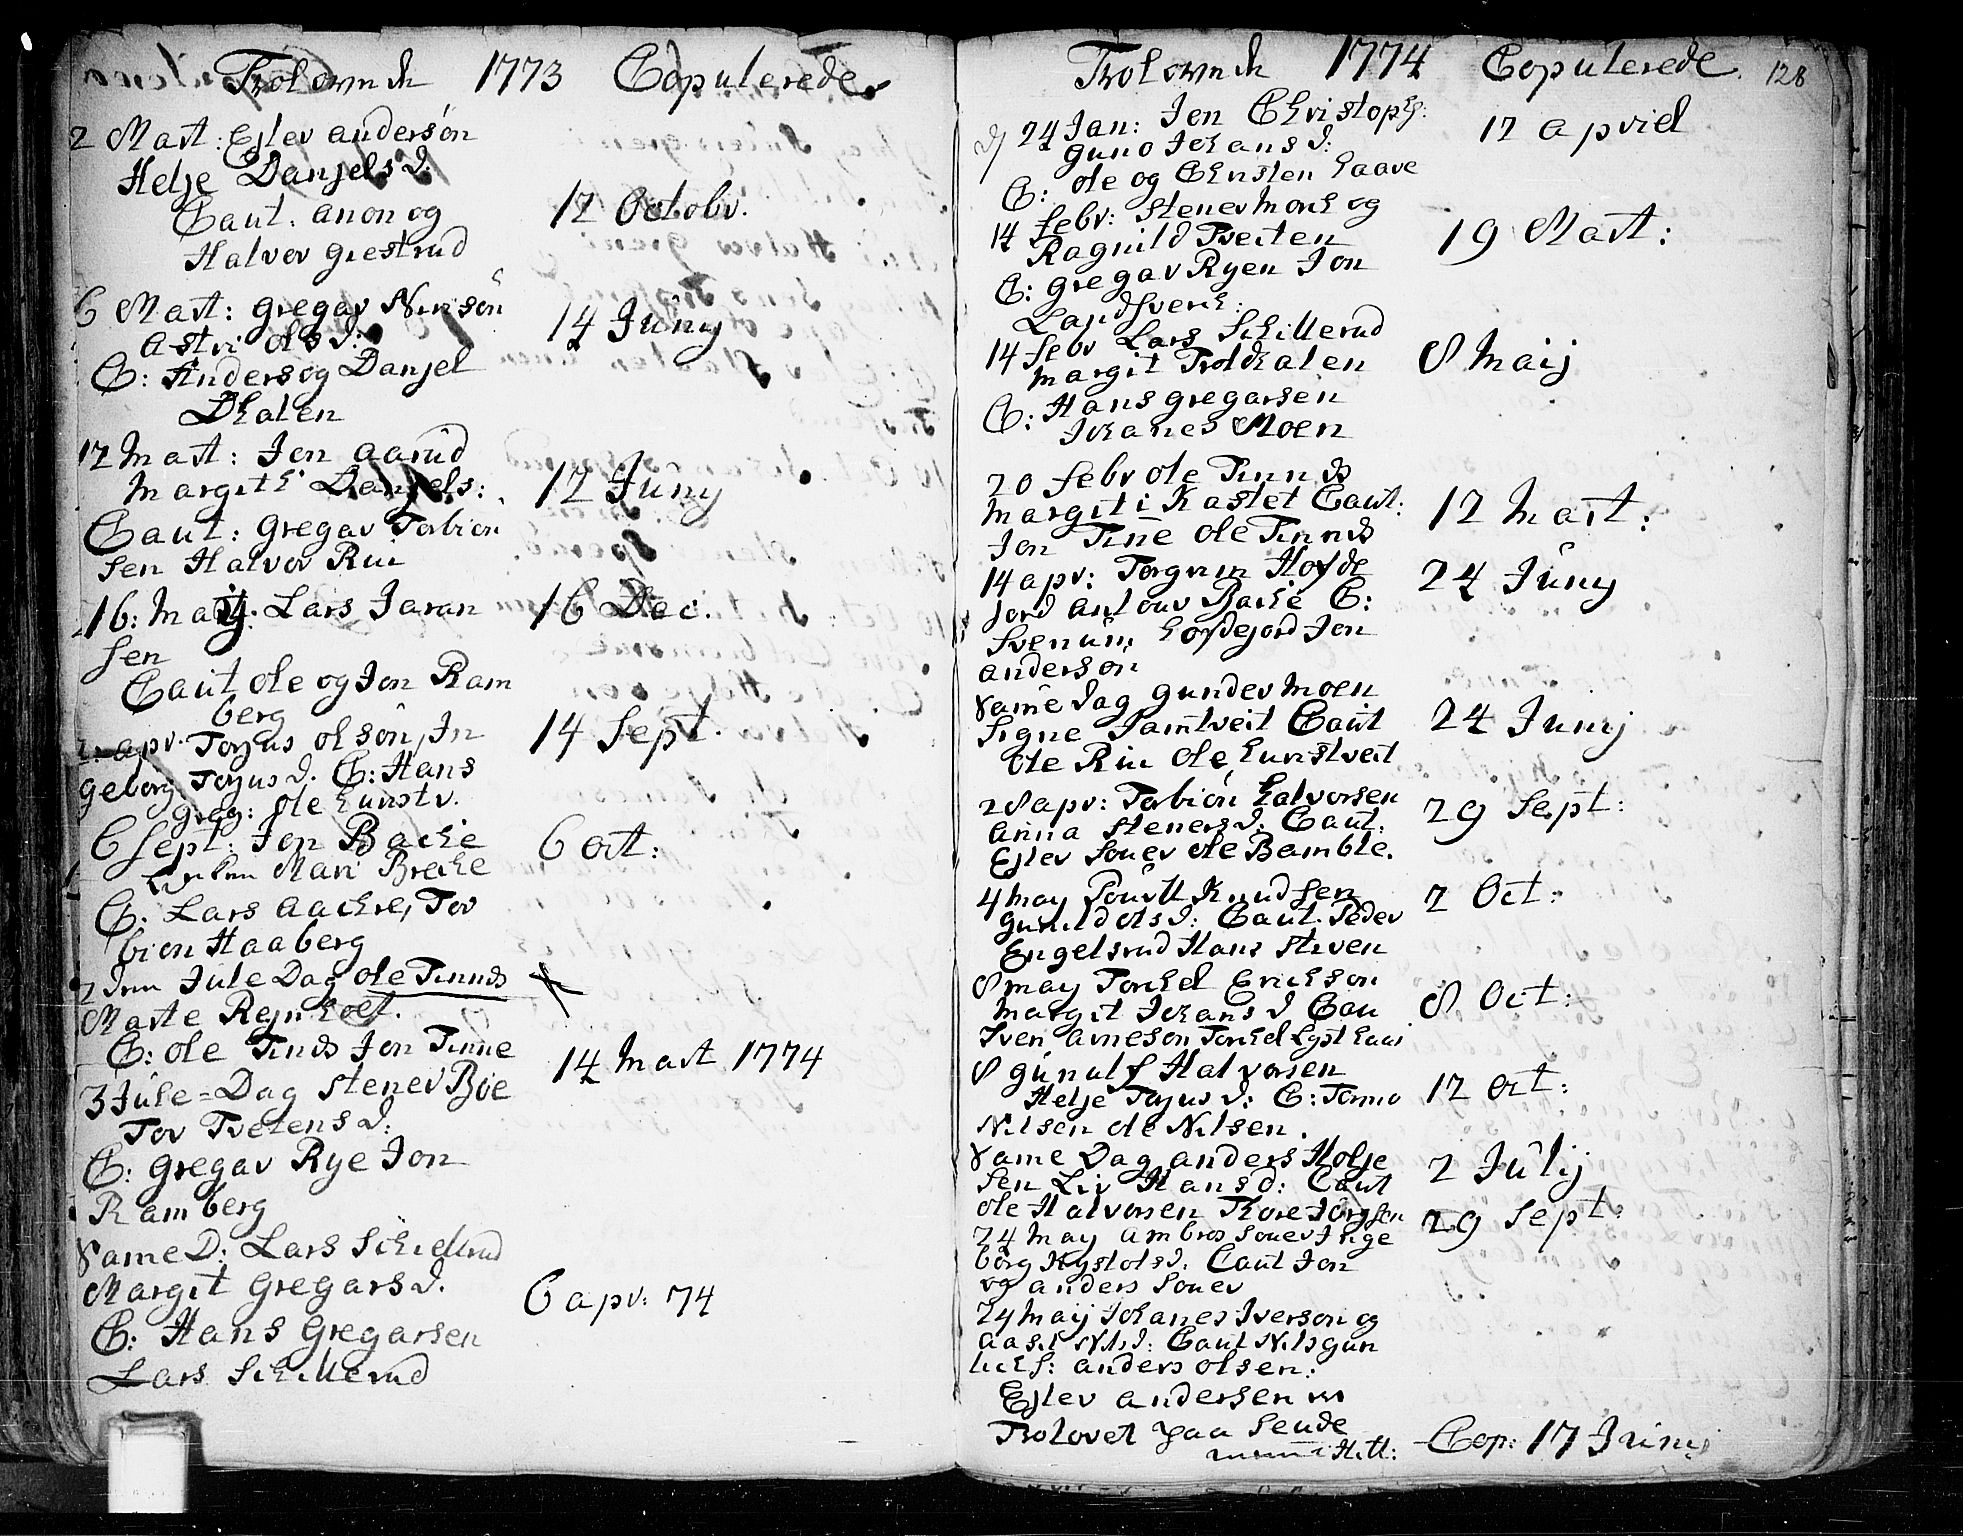 SAKO, Heddal kirkebøker, F/Fa/L0003: Ministerialbok nr. I 3, 1723-1783, s. 128